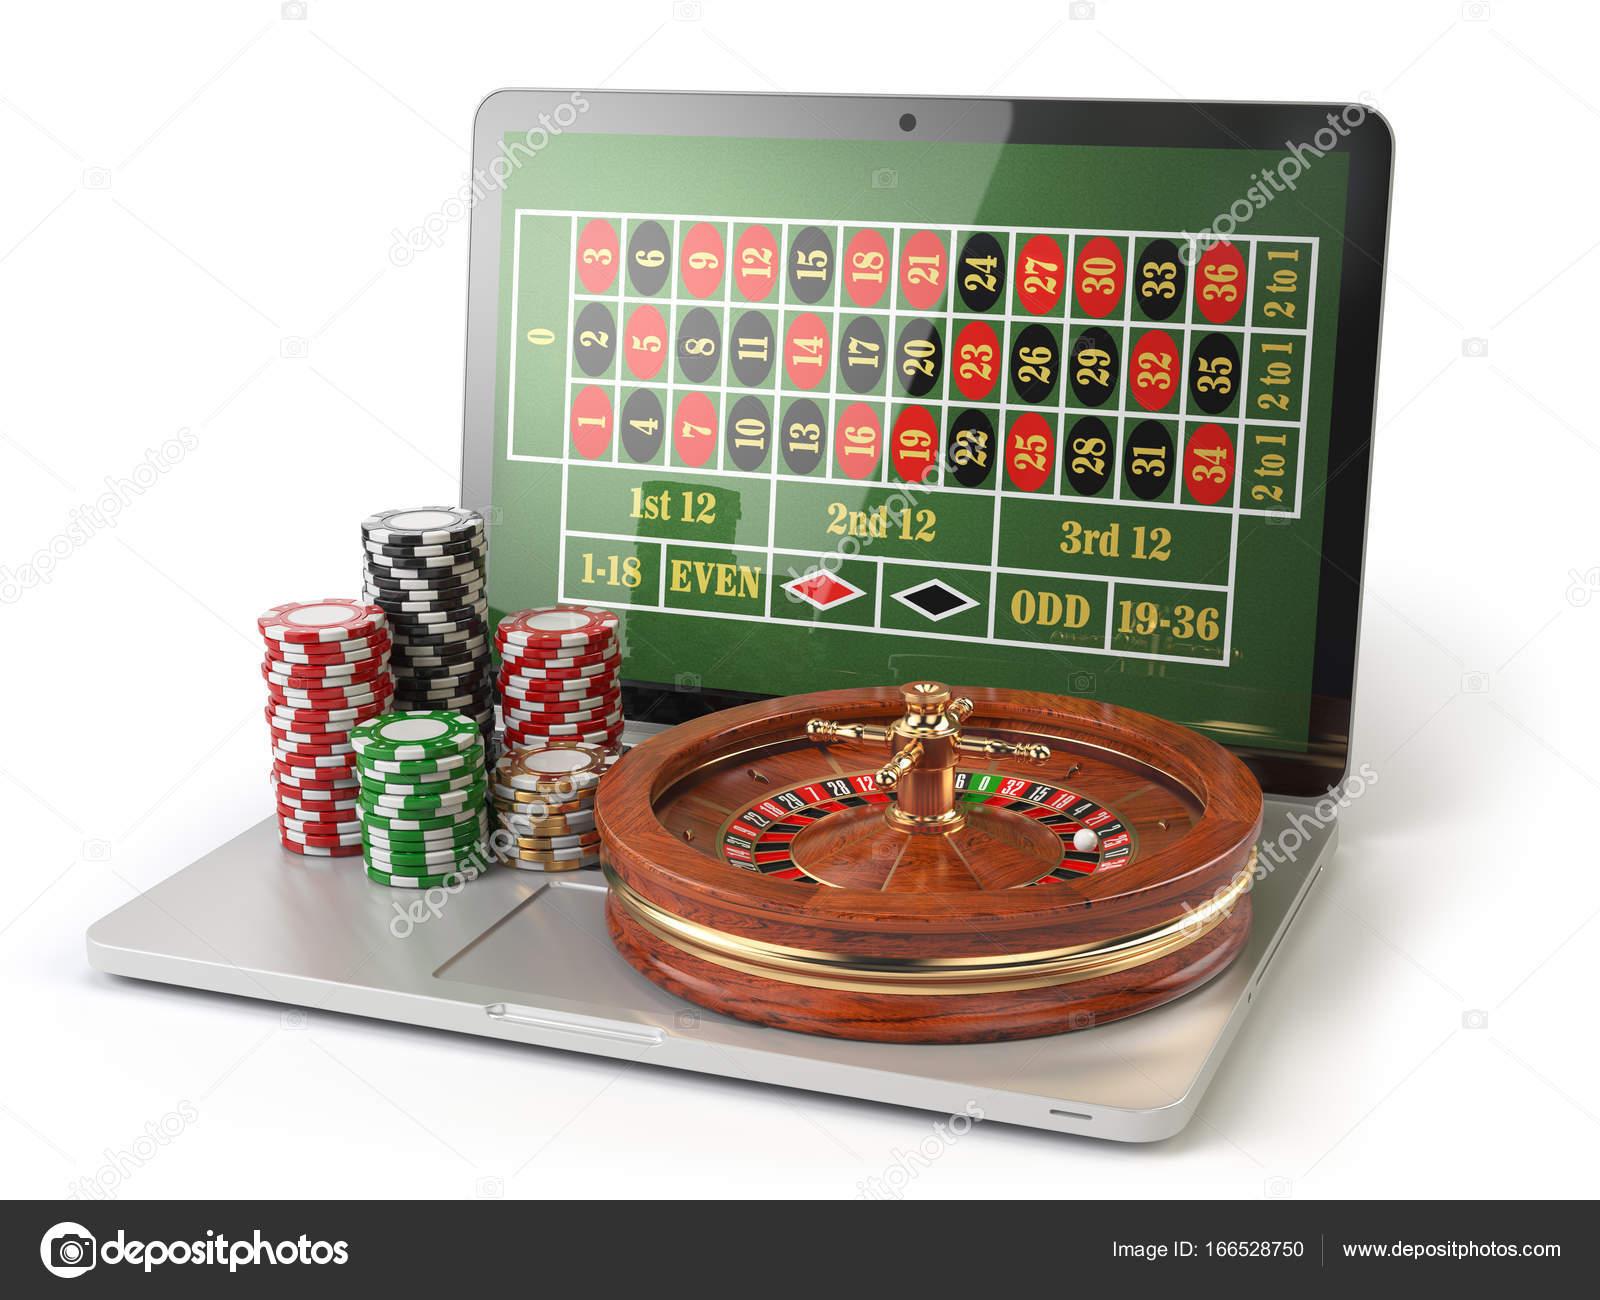 Бездепы в казино 2016 в рублях люберцы игровые автоматы